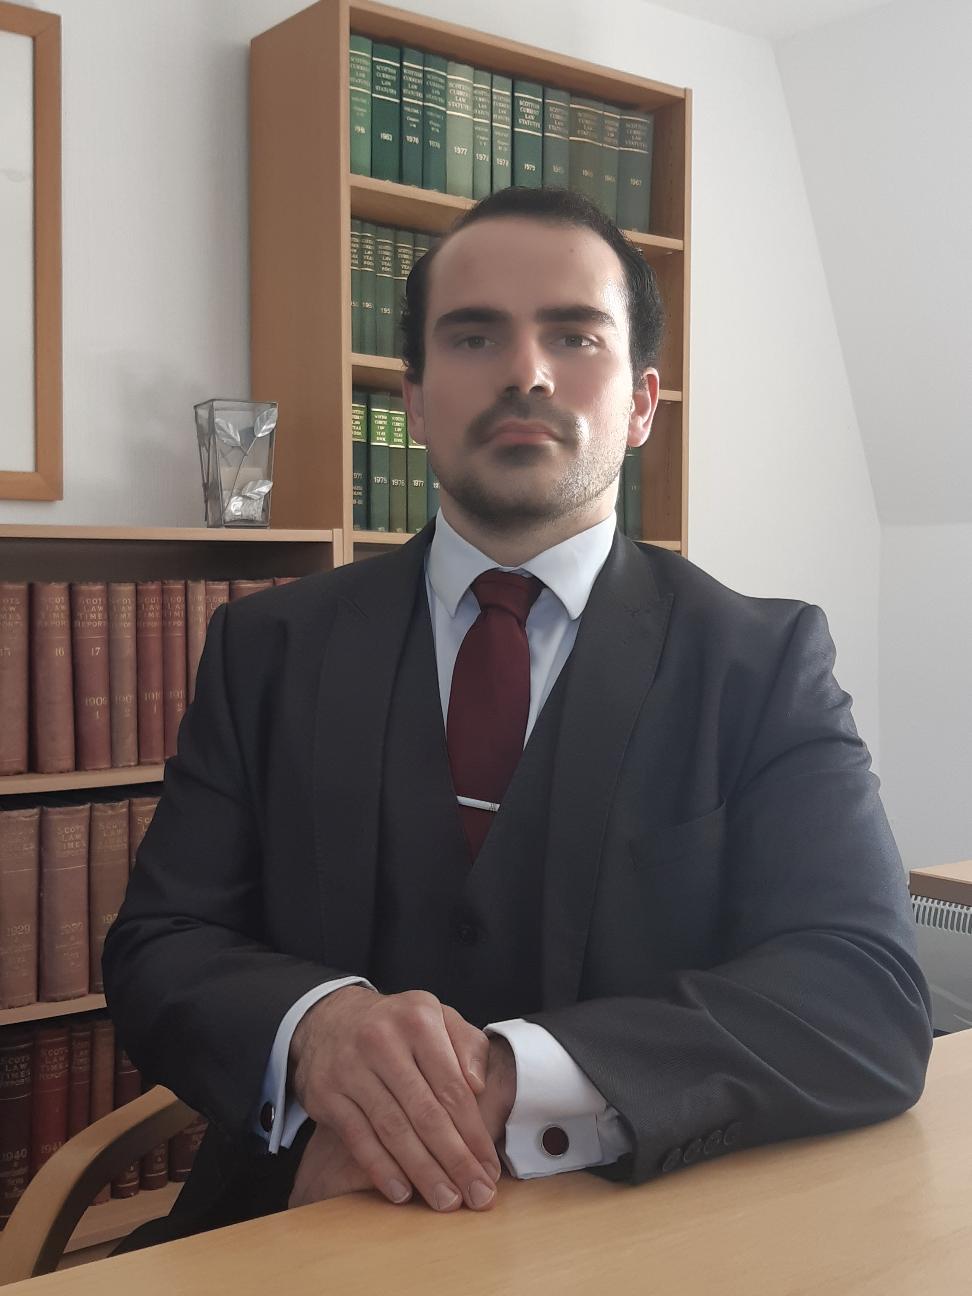 Emmanuel De Abreu